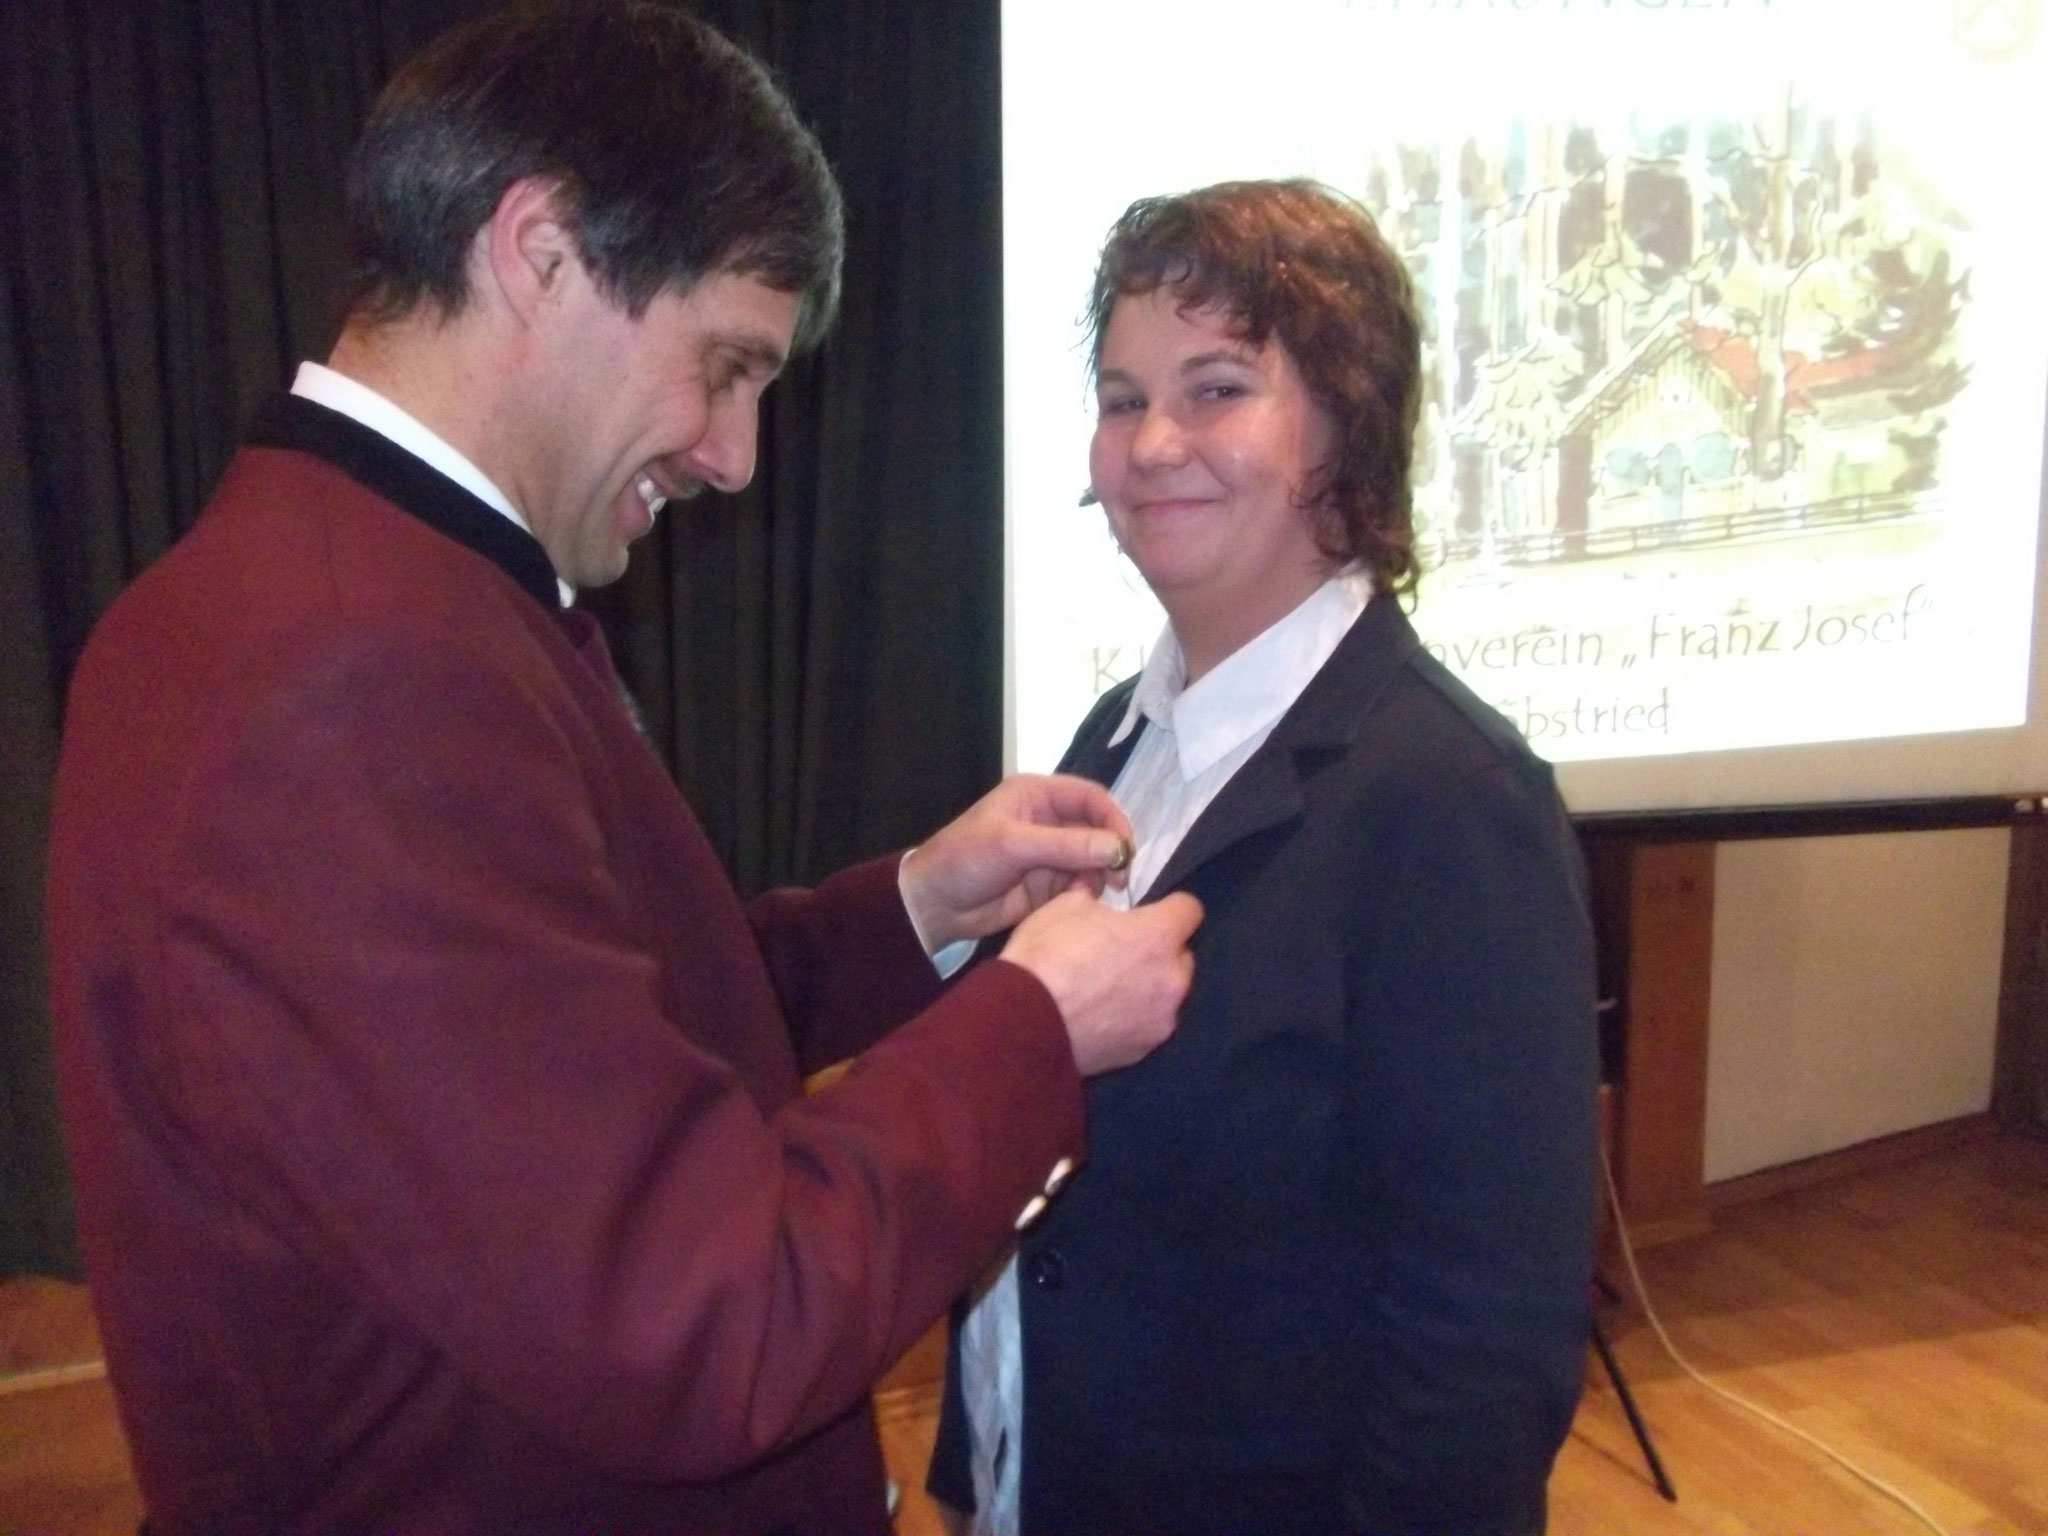 Heidi Wagner bekam vom 1 Schützenmeiser die Ehrennadel für 25 Jahr Mitgliedschaft überreicht